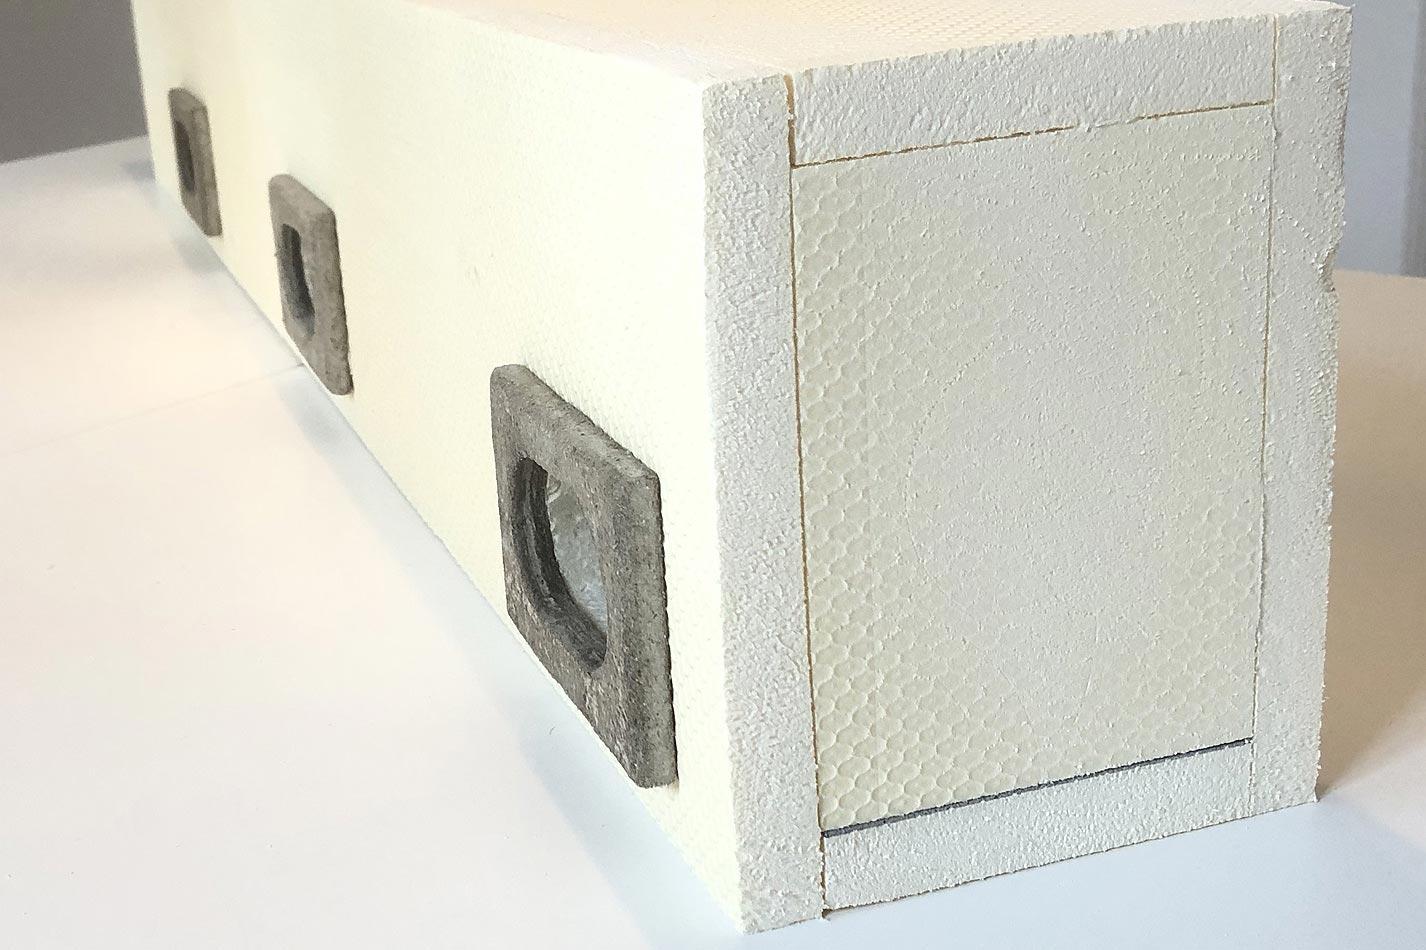 Mauersegler Nistkasten aus WDV Material mit drei Einfluglöchern und jeweils schwarzen Ringen